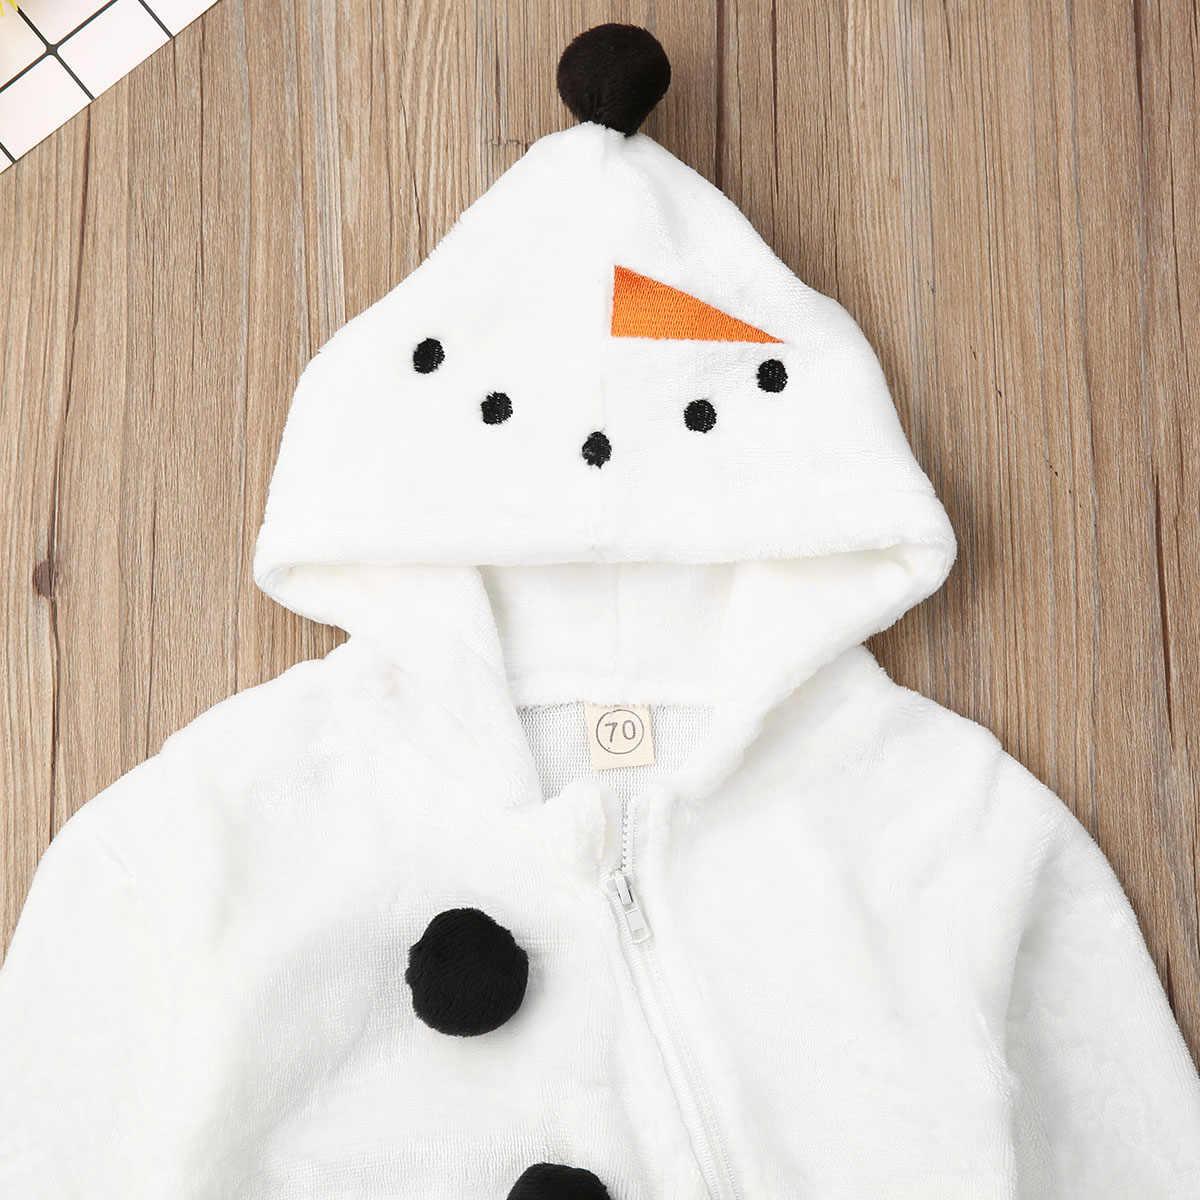 0-3Years niño recién nacido chico bebé Boy chica Navidad mamelucos de muñeco de nieve de peluche de mono de manga larga cálido otoño primavera trajes